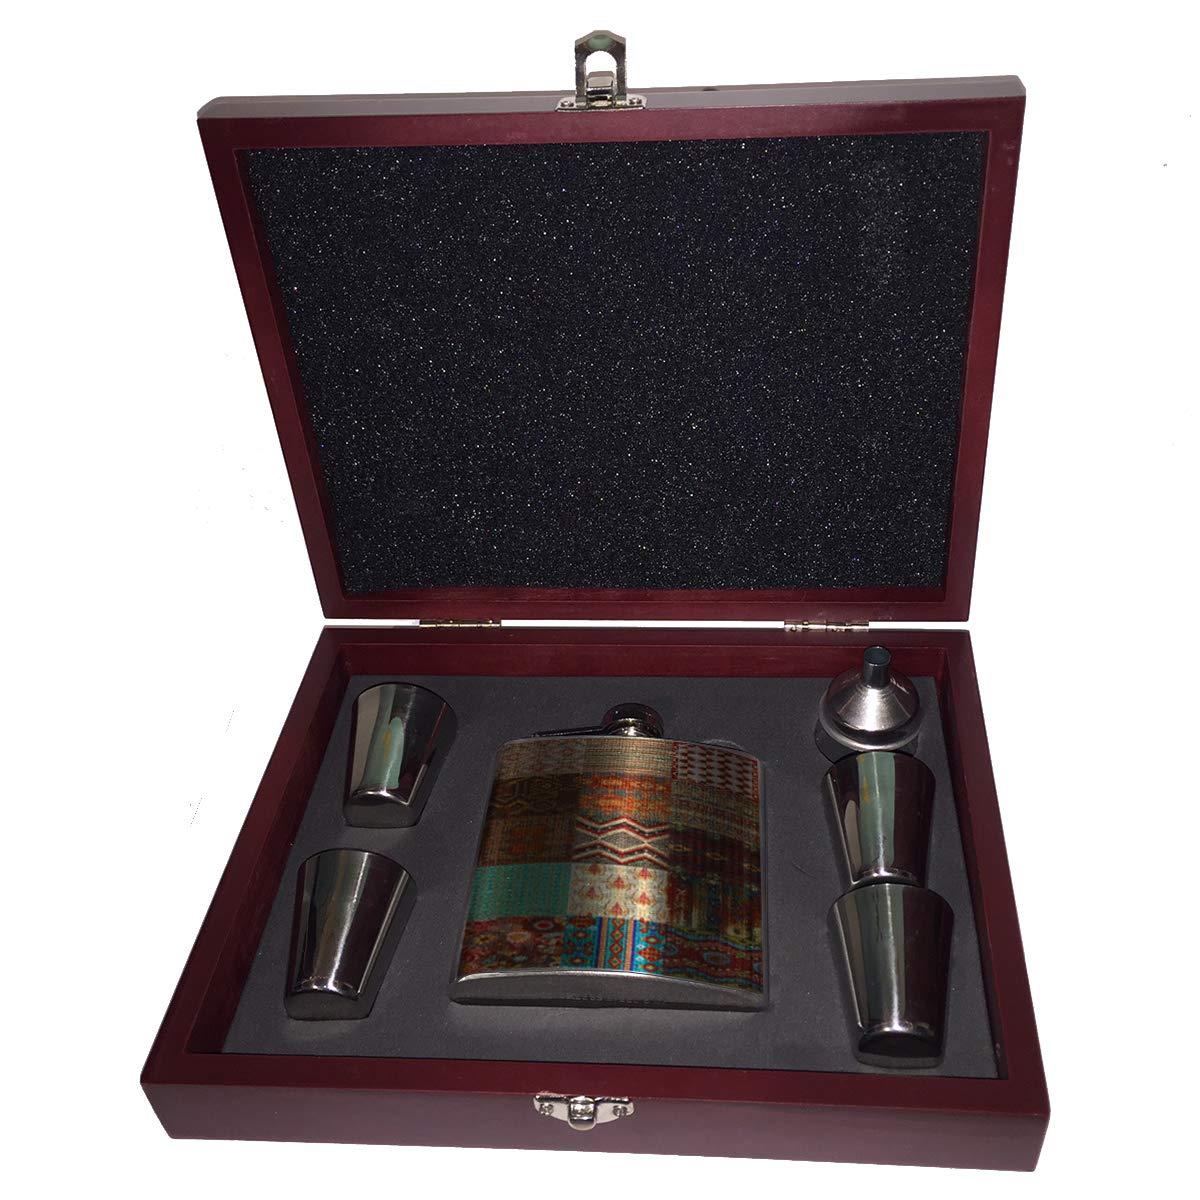 最新作 Sunshine 6オンス Cases 南西部のパッチワーク ギフトセット 6オンス ヒップフラスコ Liquor ヒップフラスコ 木製ボックス ギフトセット ショットグラス&じょうご B07KVHZVSW, 家具のk1:478bf0cd --- a0267596.xsph.ru